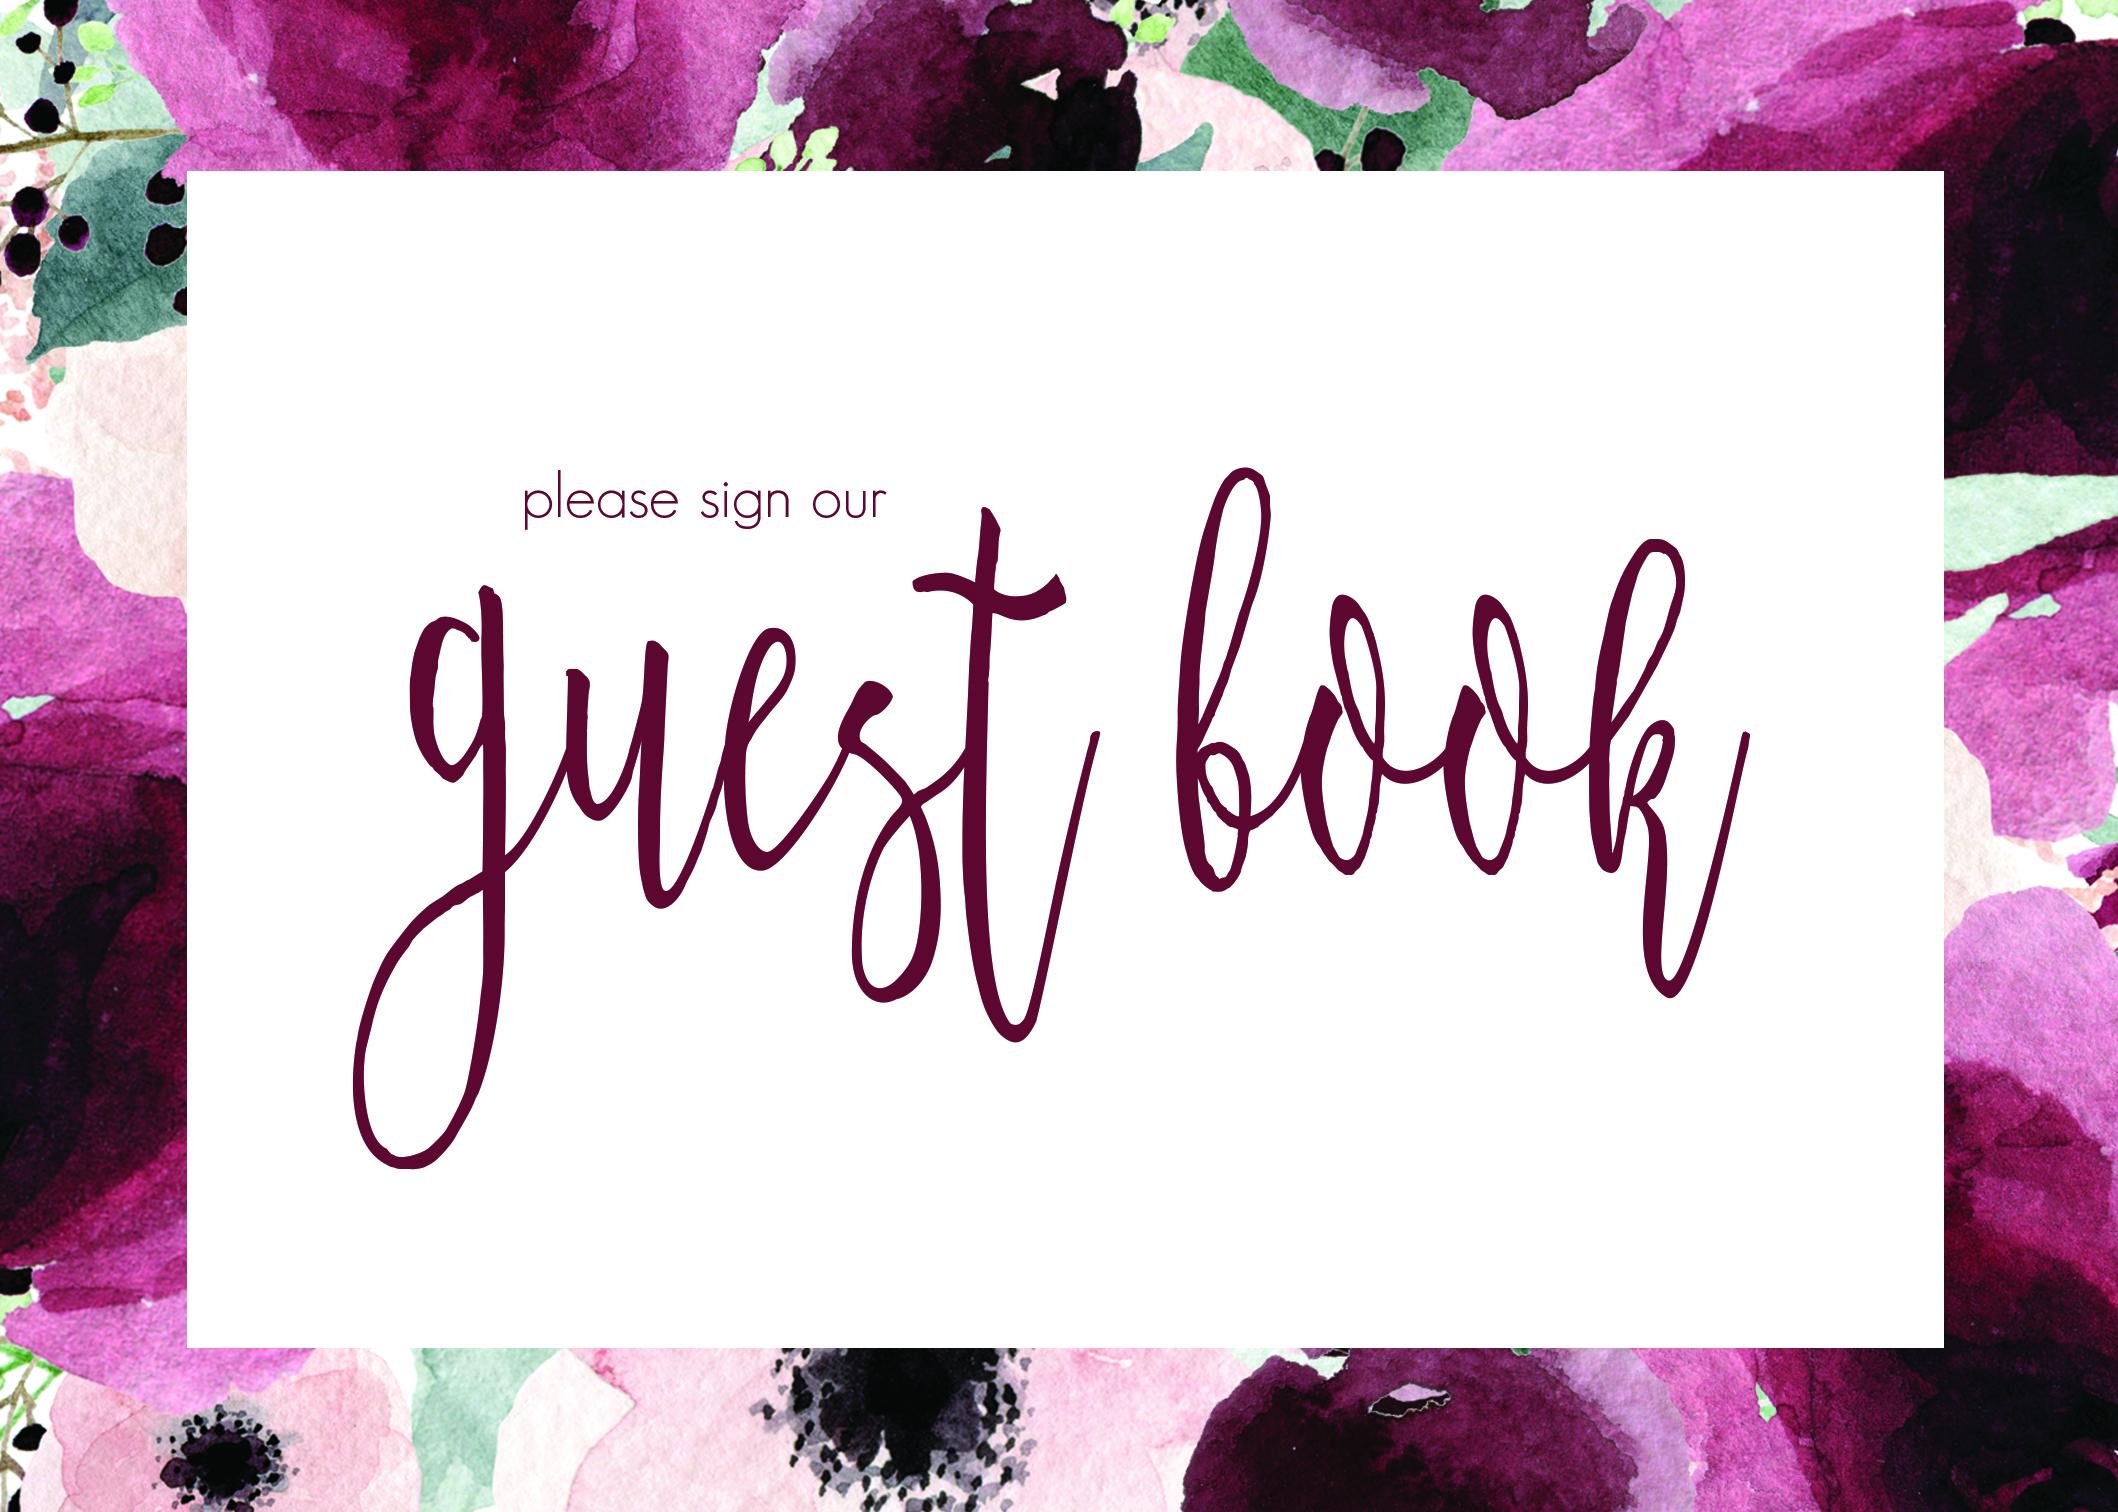 GUEST BOOK SIGN 5X7.jpg